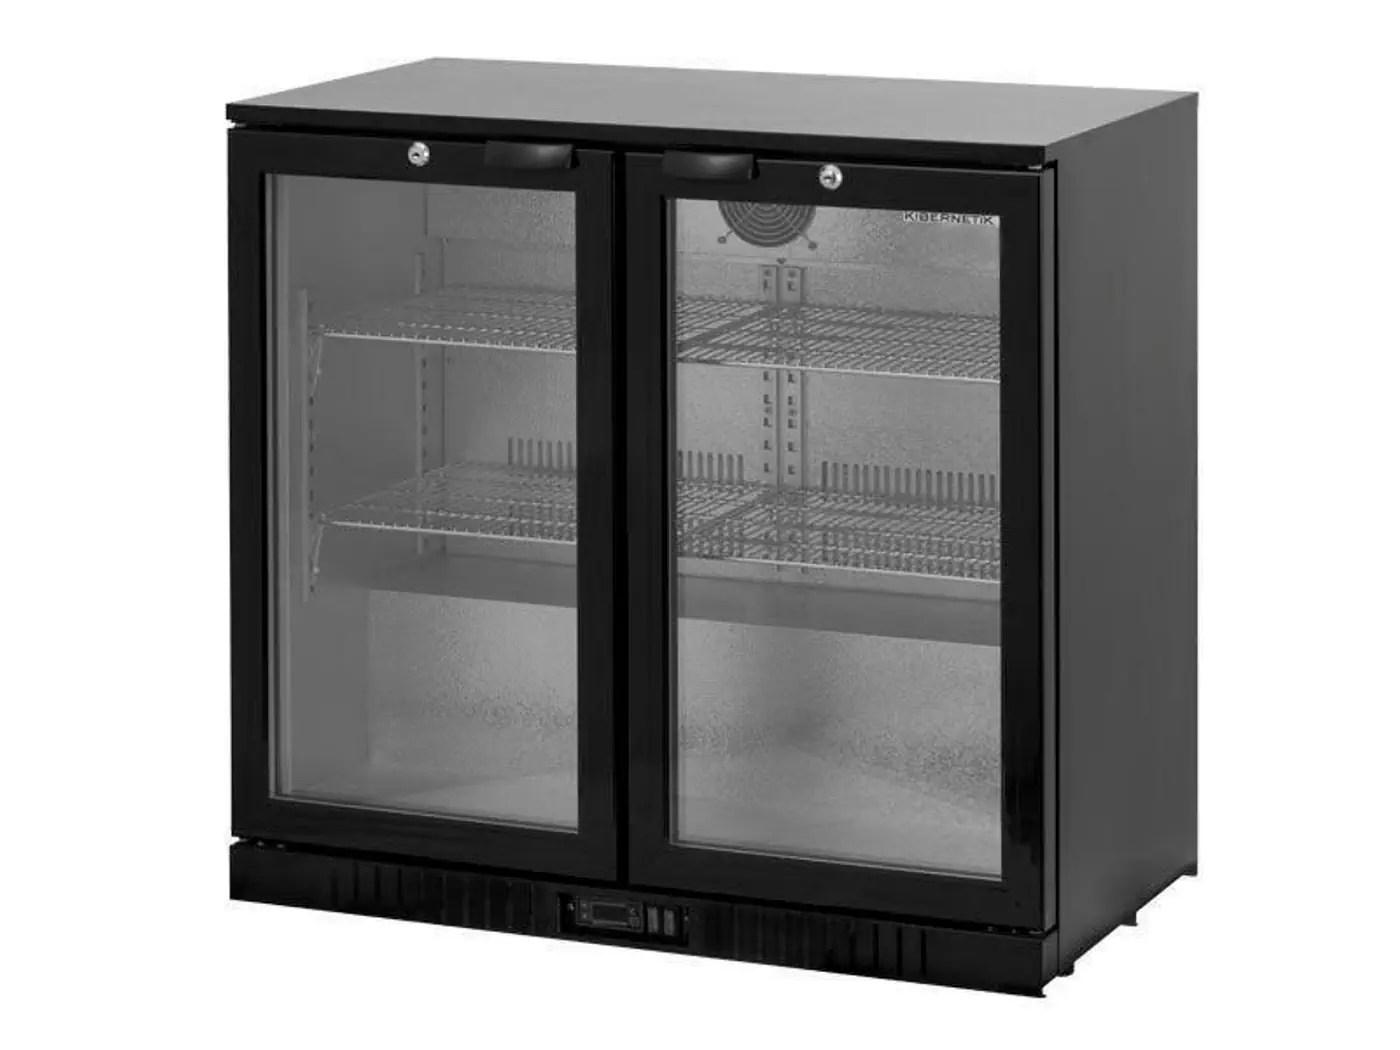 Bomann Kühlschrank Glastür : Kühlschrank gebraucht glastür kühlschrank günstig im check